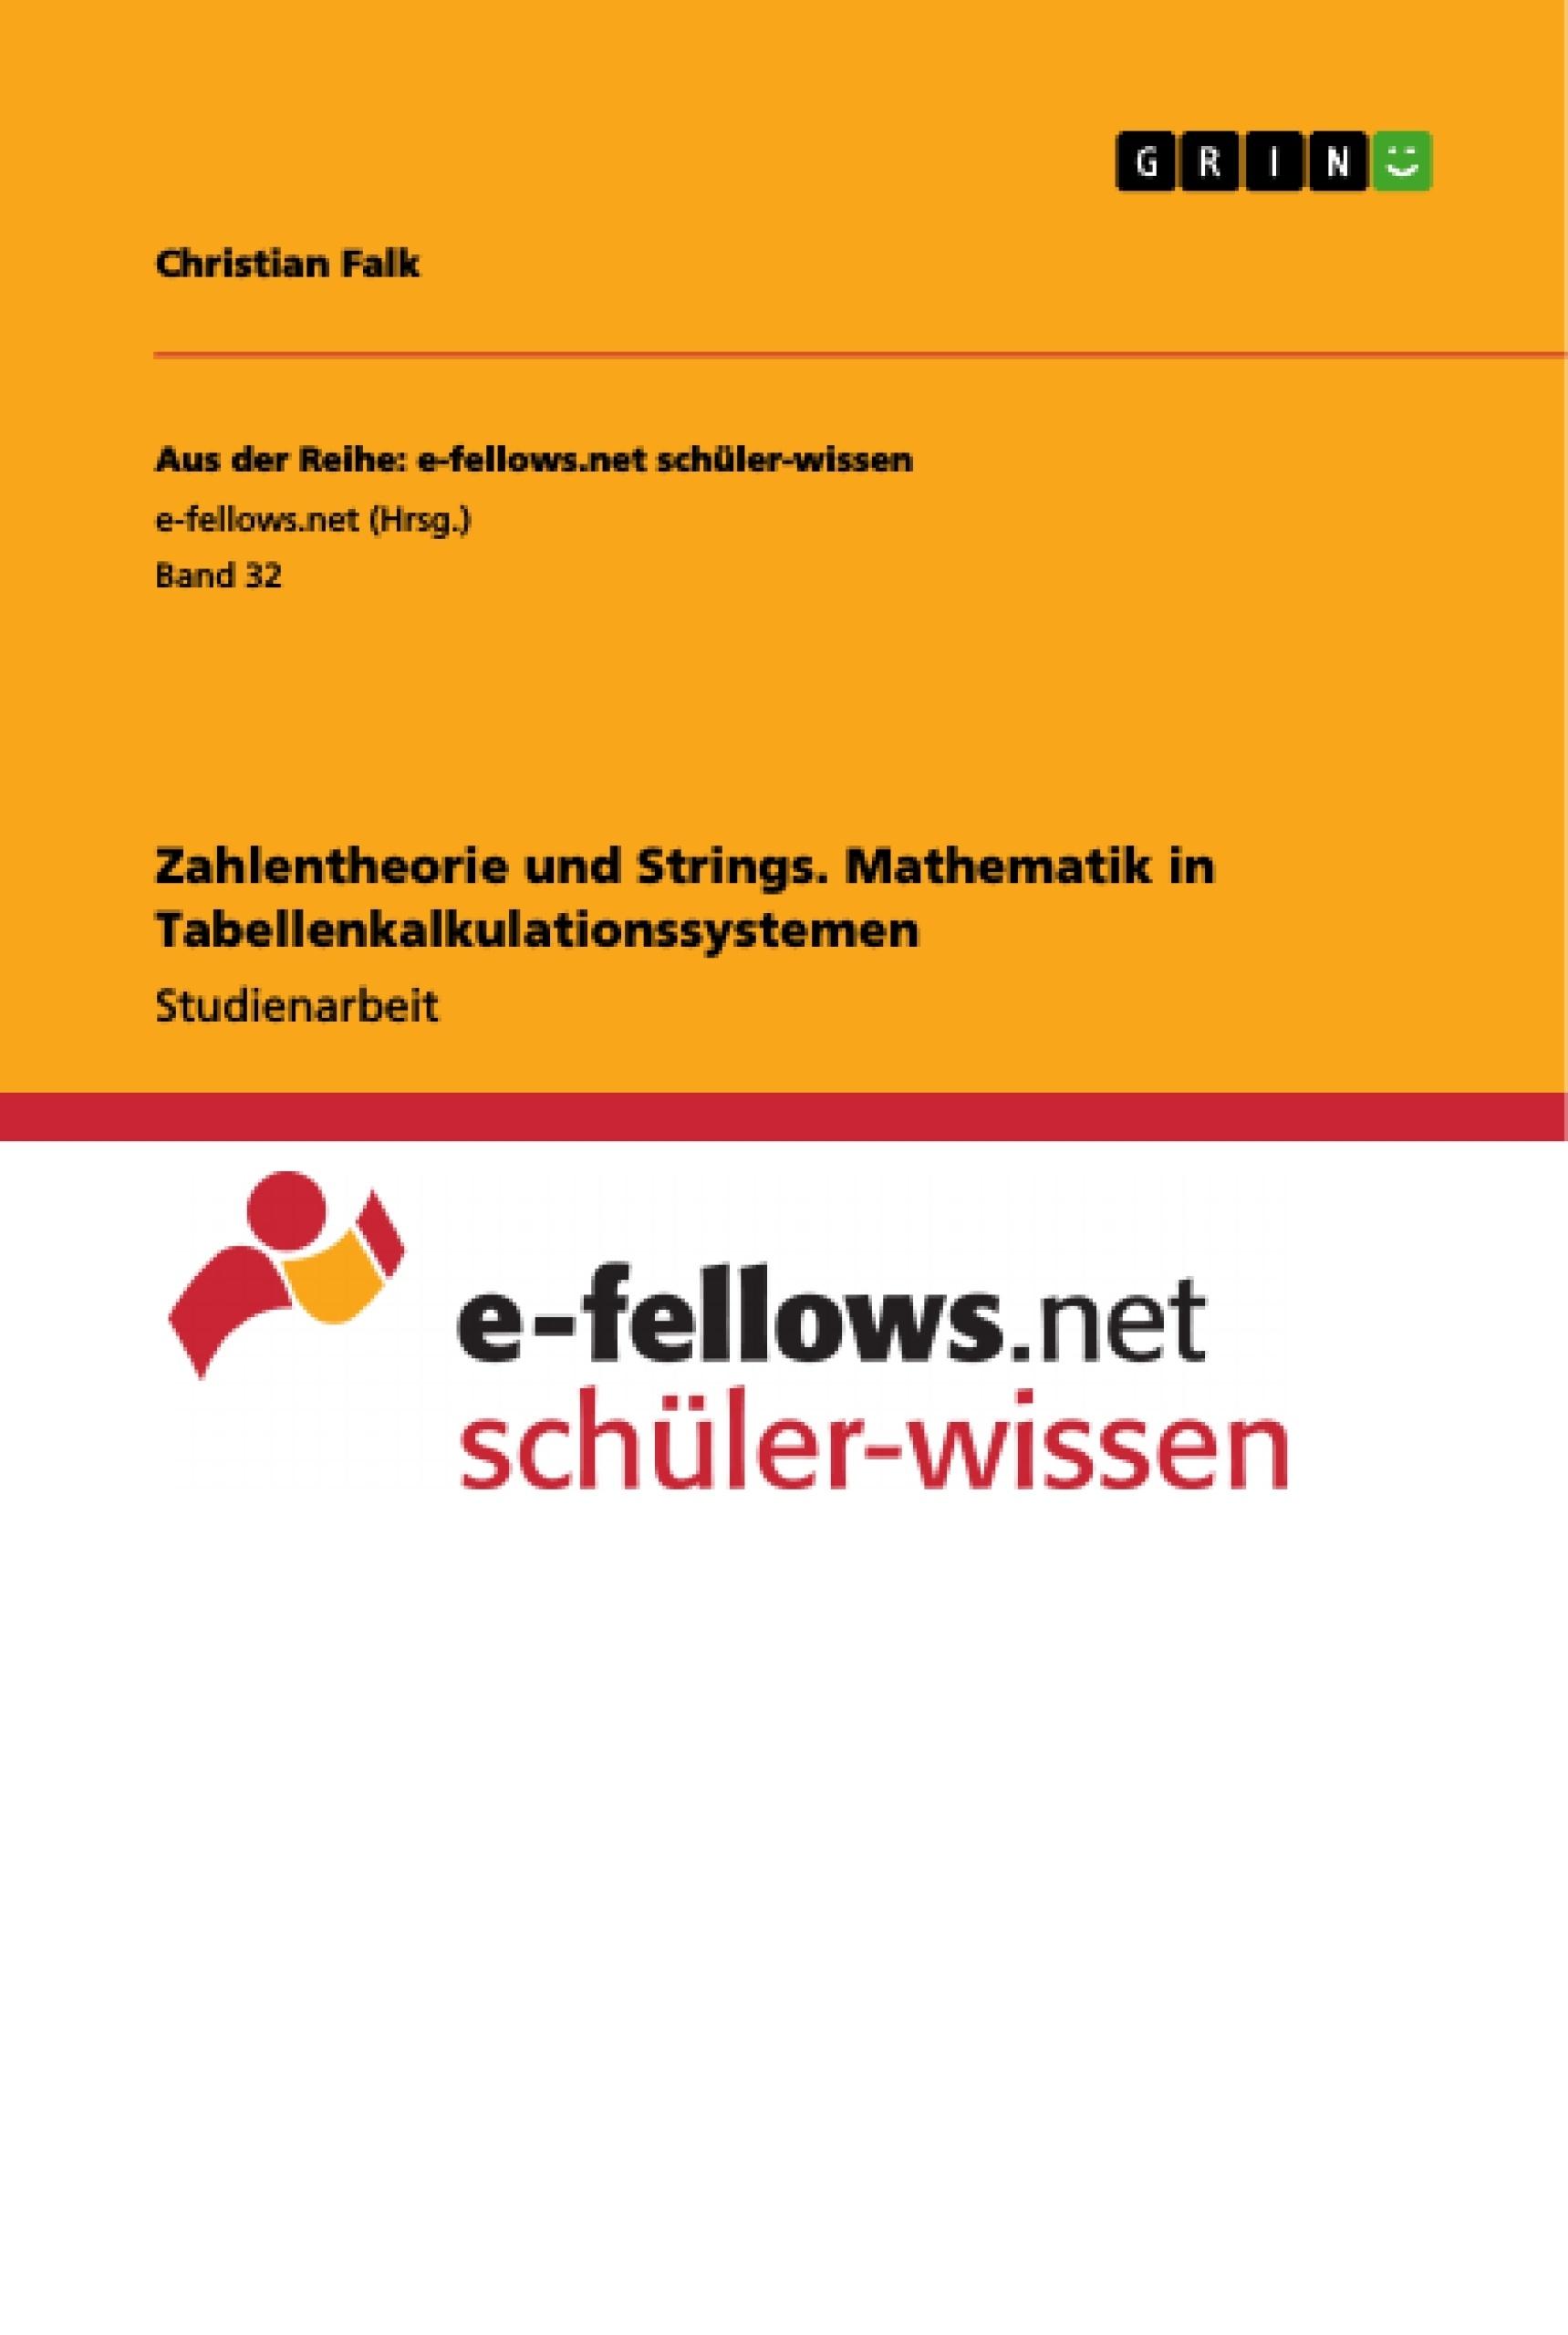 Titel: Zahlentheorie und Strings. Mathematik in Tabellenkalkulationssystemen